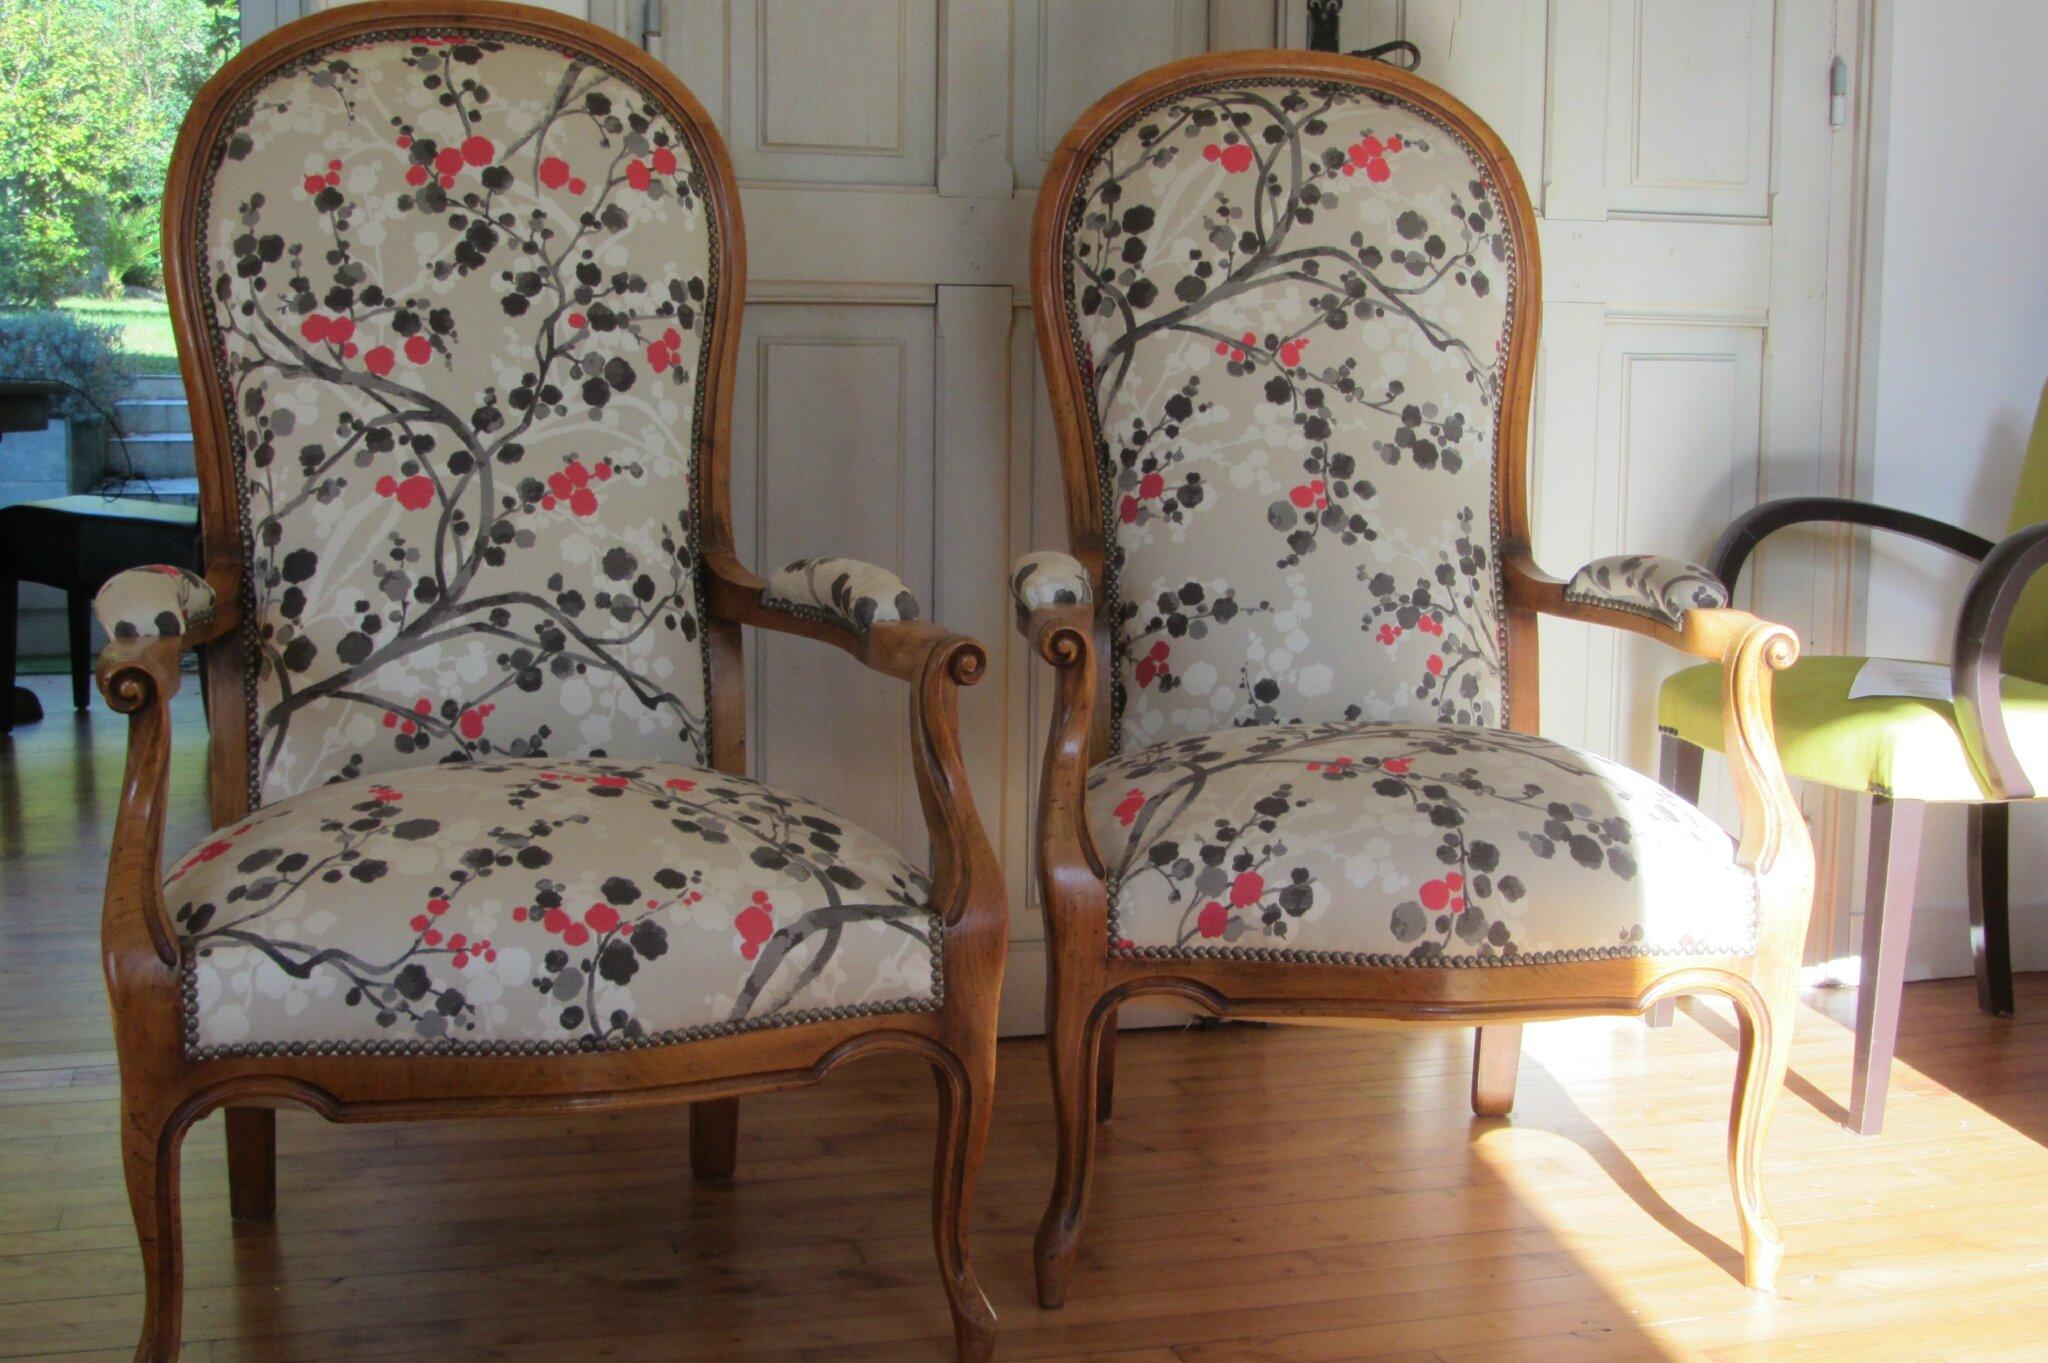 Tapissier D Ameublement Lorient changer le tissu d'un fauteuil : tous les messages sur